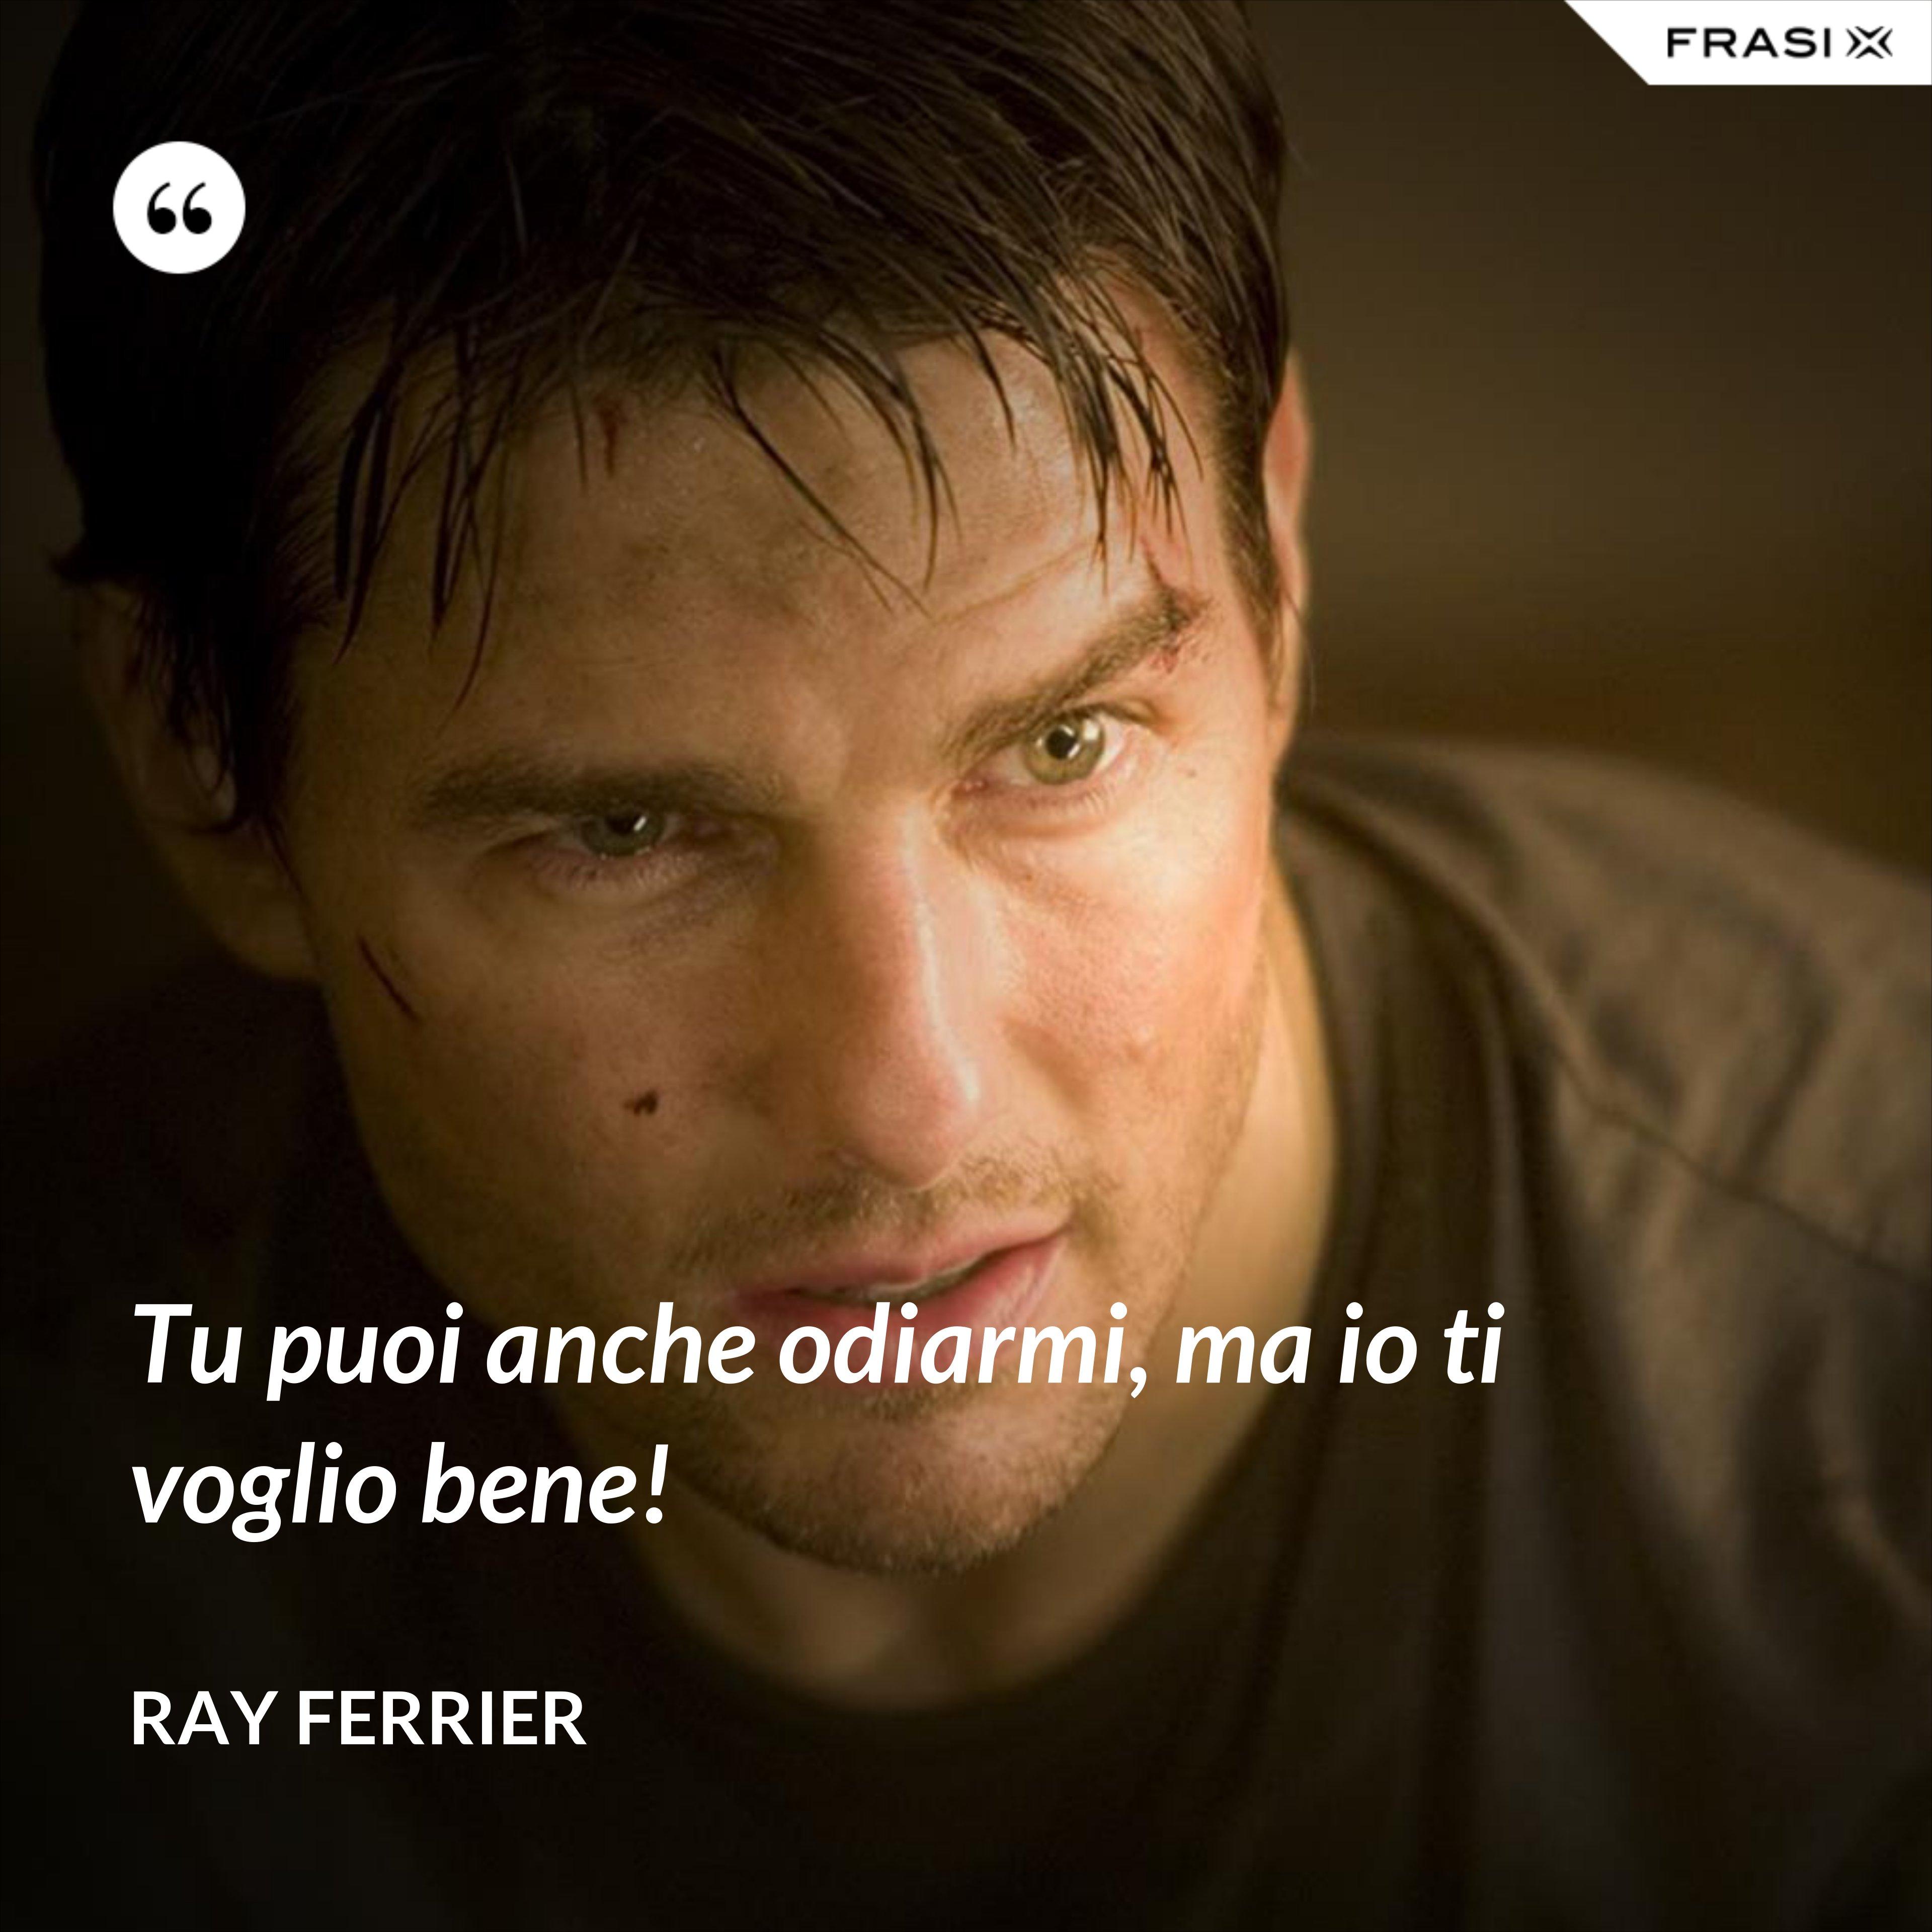 Tu puoi anche odiarmi, ma io ti voglio bene! - Ray Ferrier